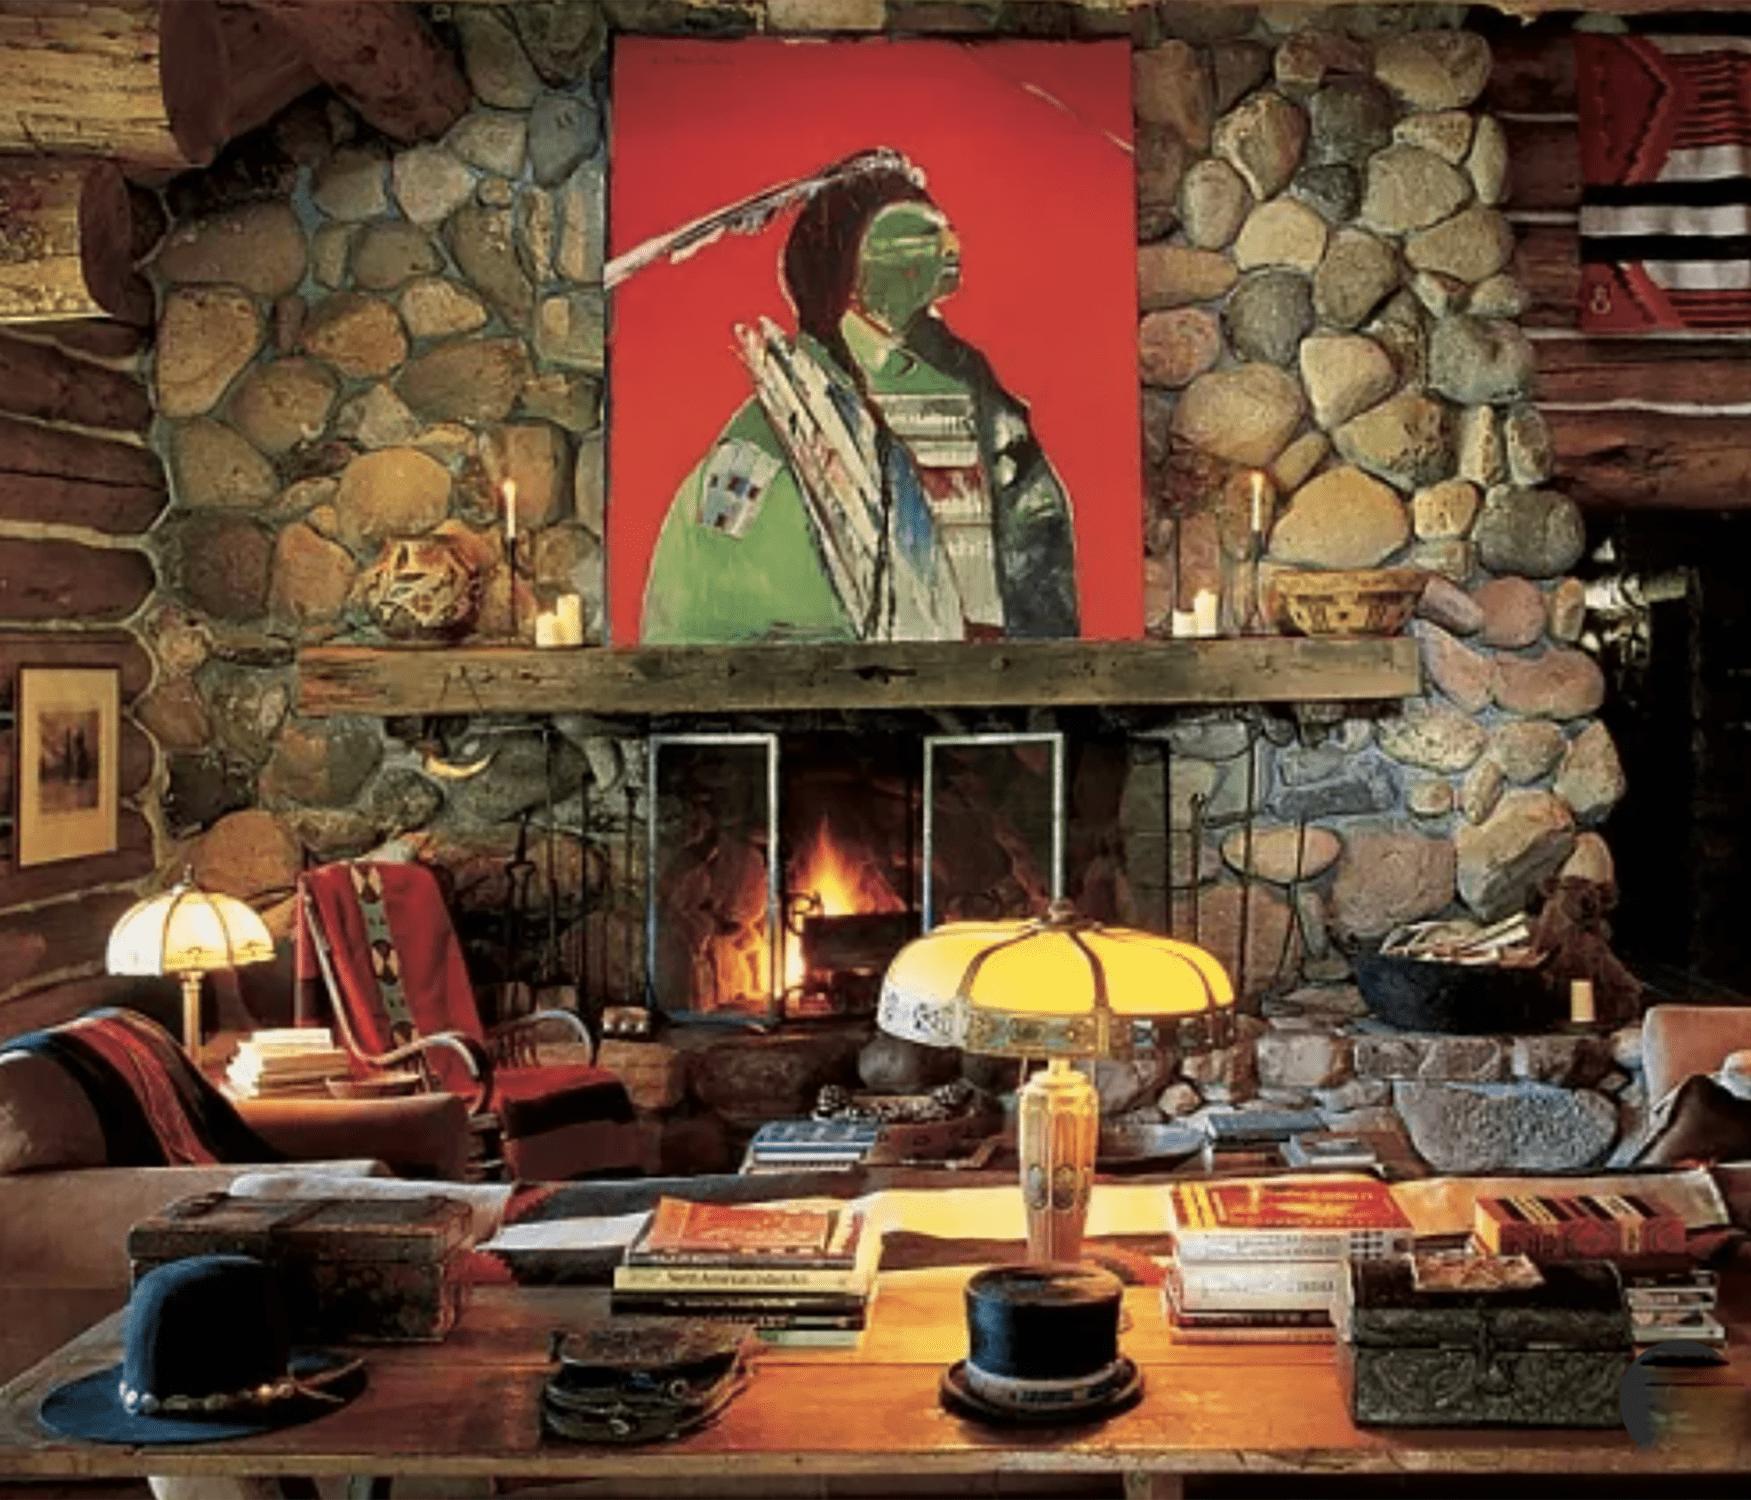 ralph lauren's colorado home